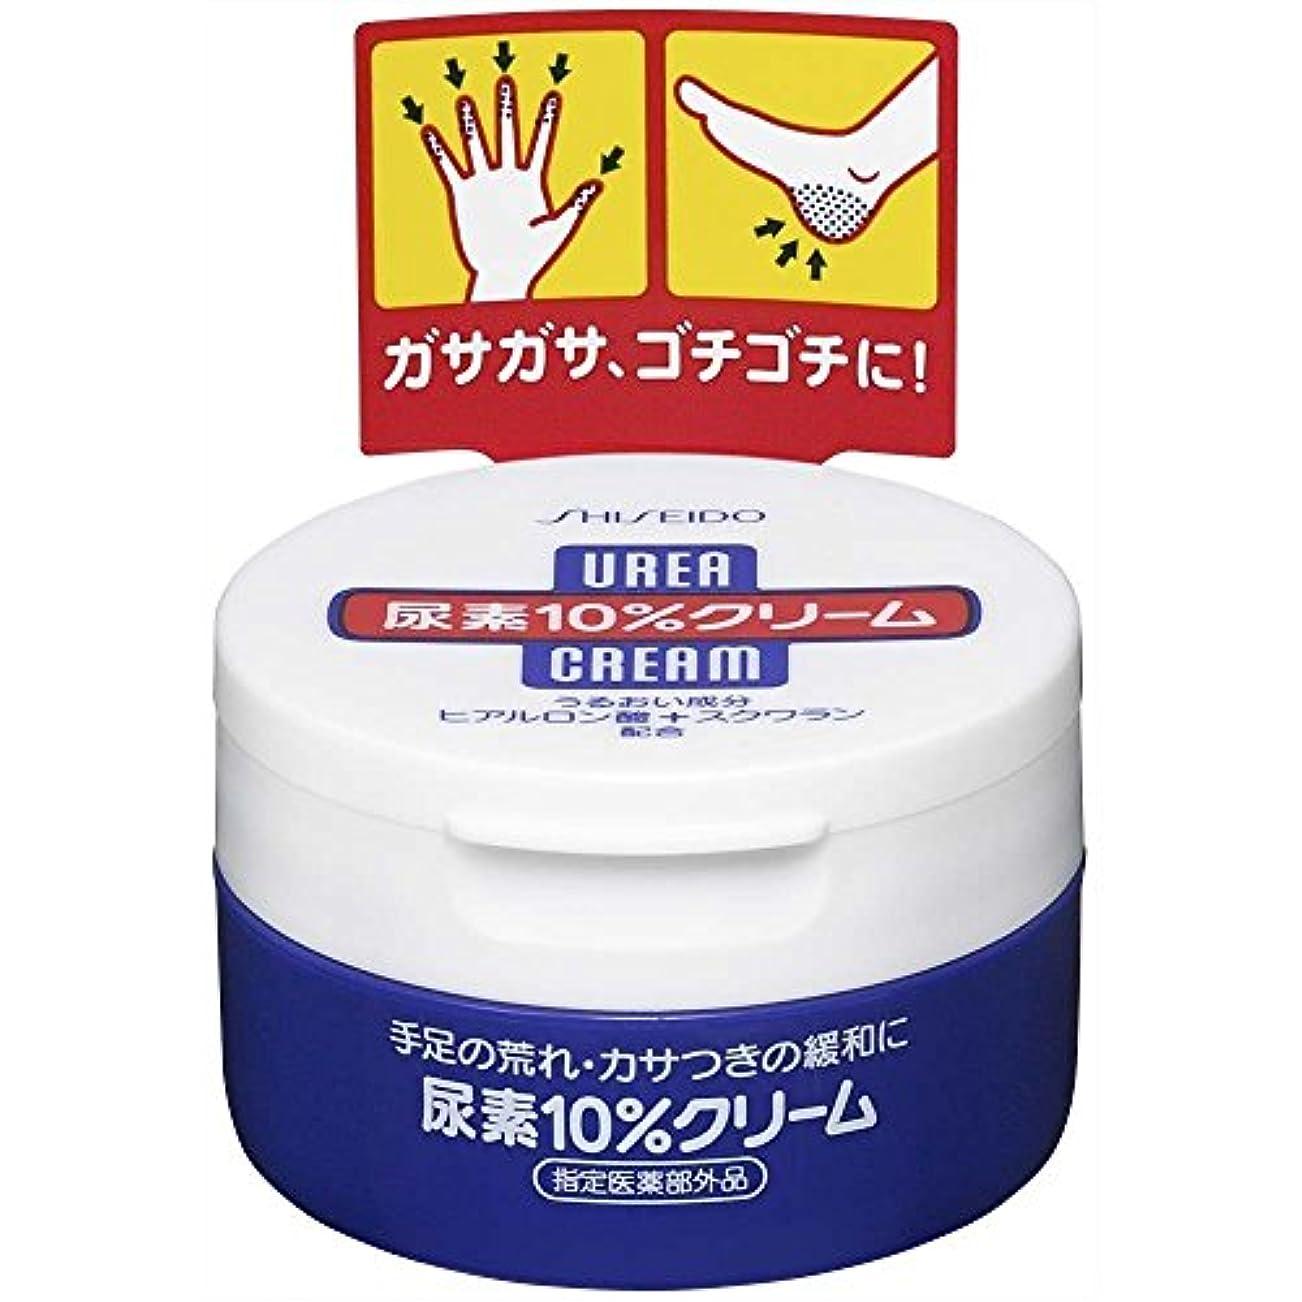 勝利したチャレンジ元気な資生堂 尿素10%クリーム 100g(医薬部外品)